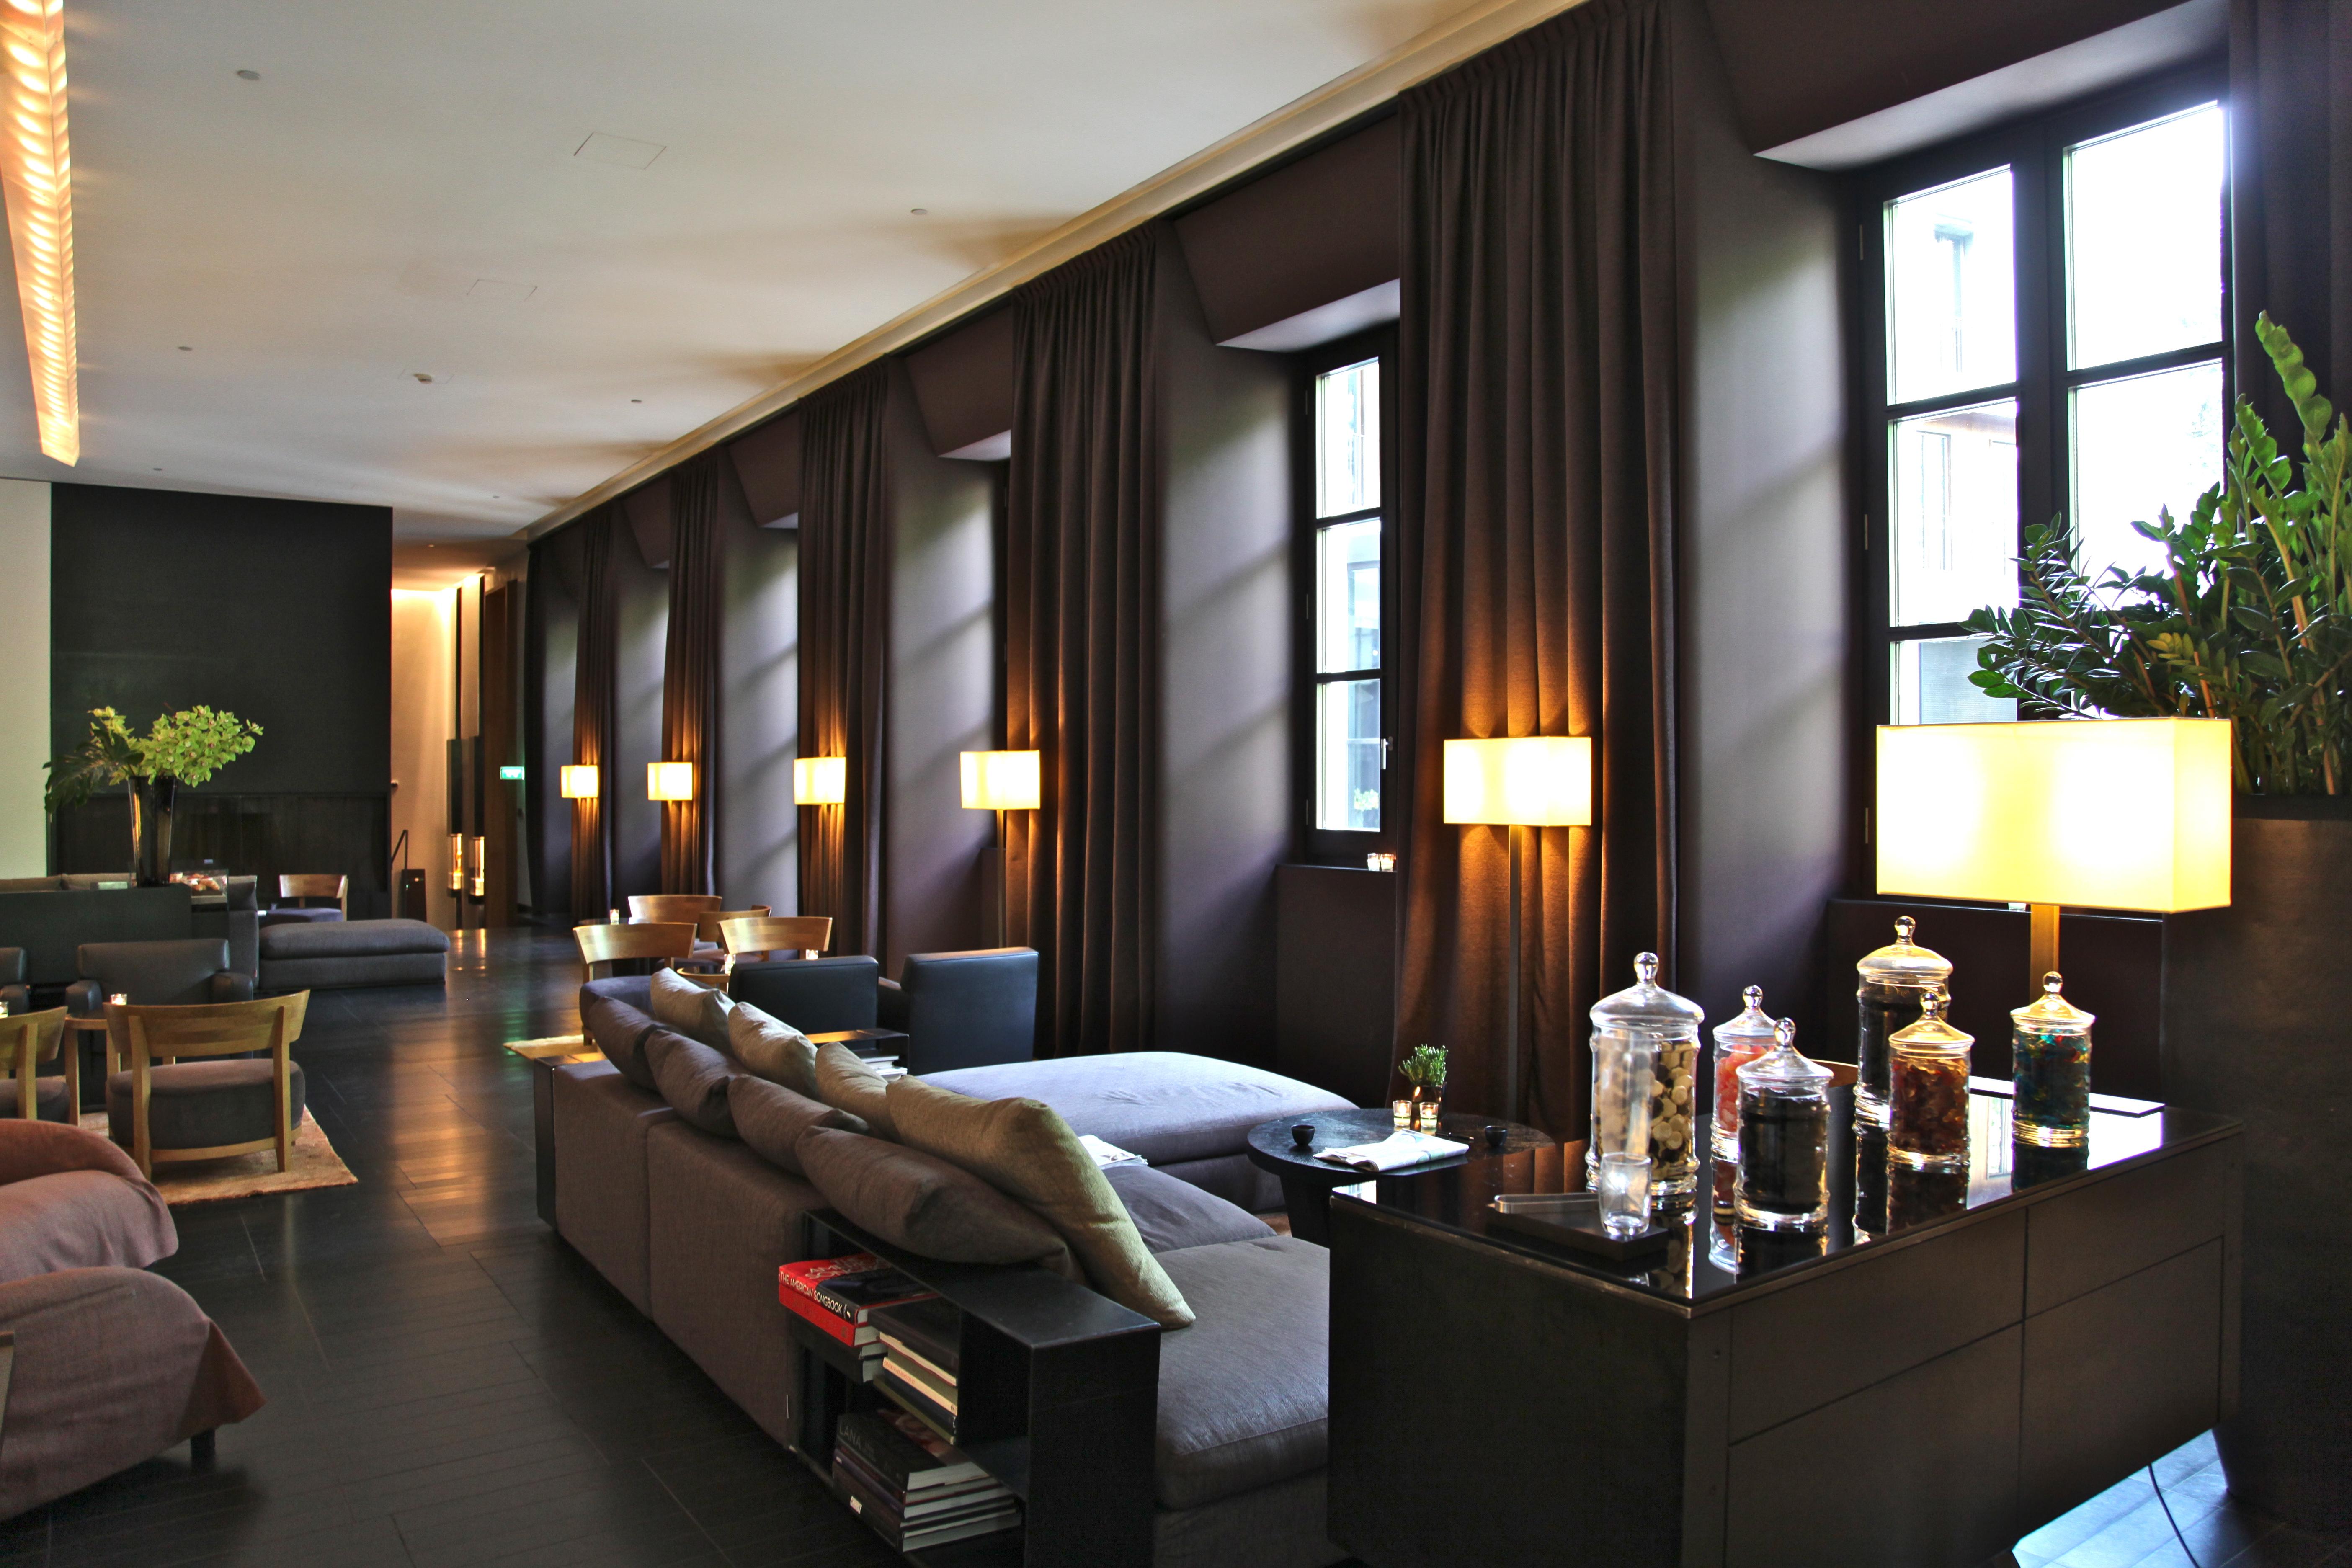 Bulgari hotel milan silencio hotels luxe lounge 1 silencio for Design hotel milan